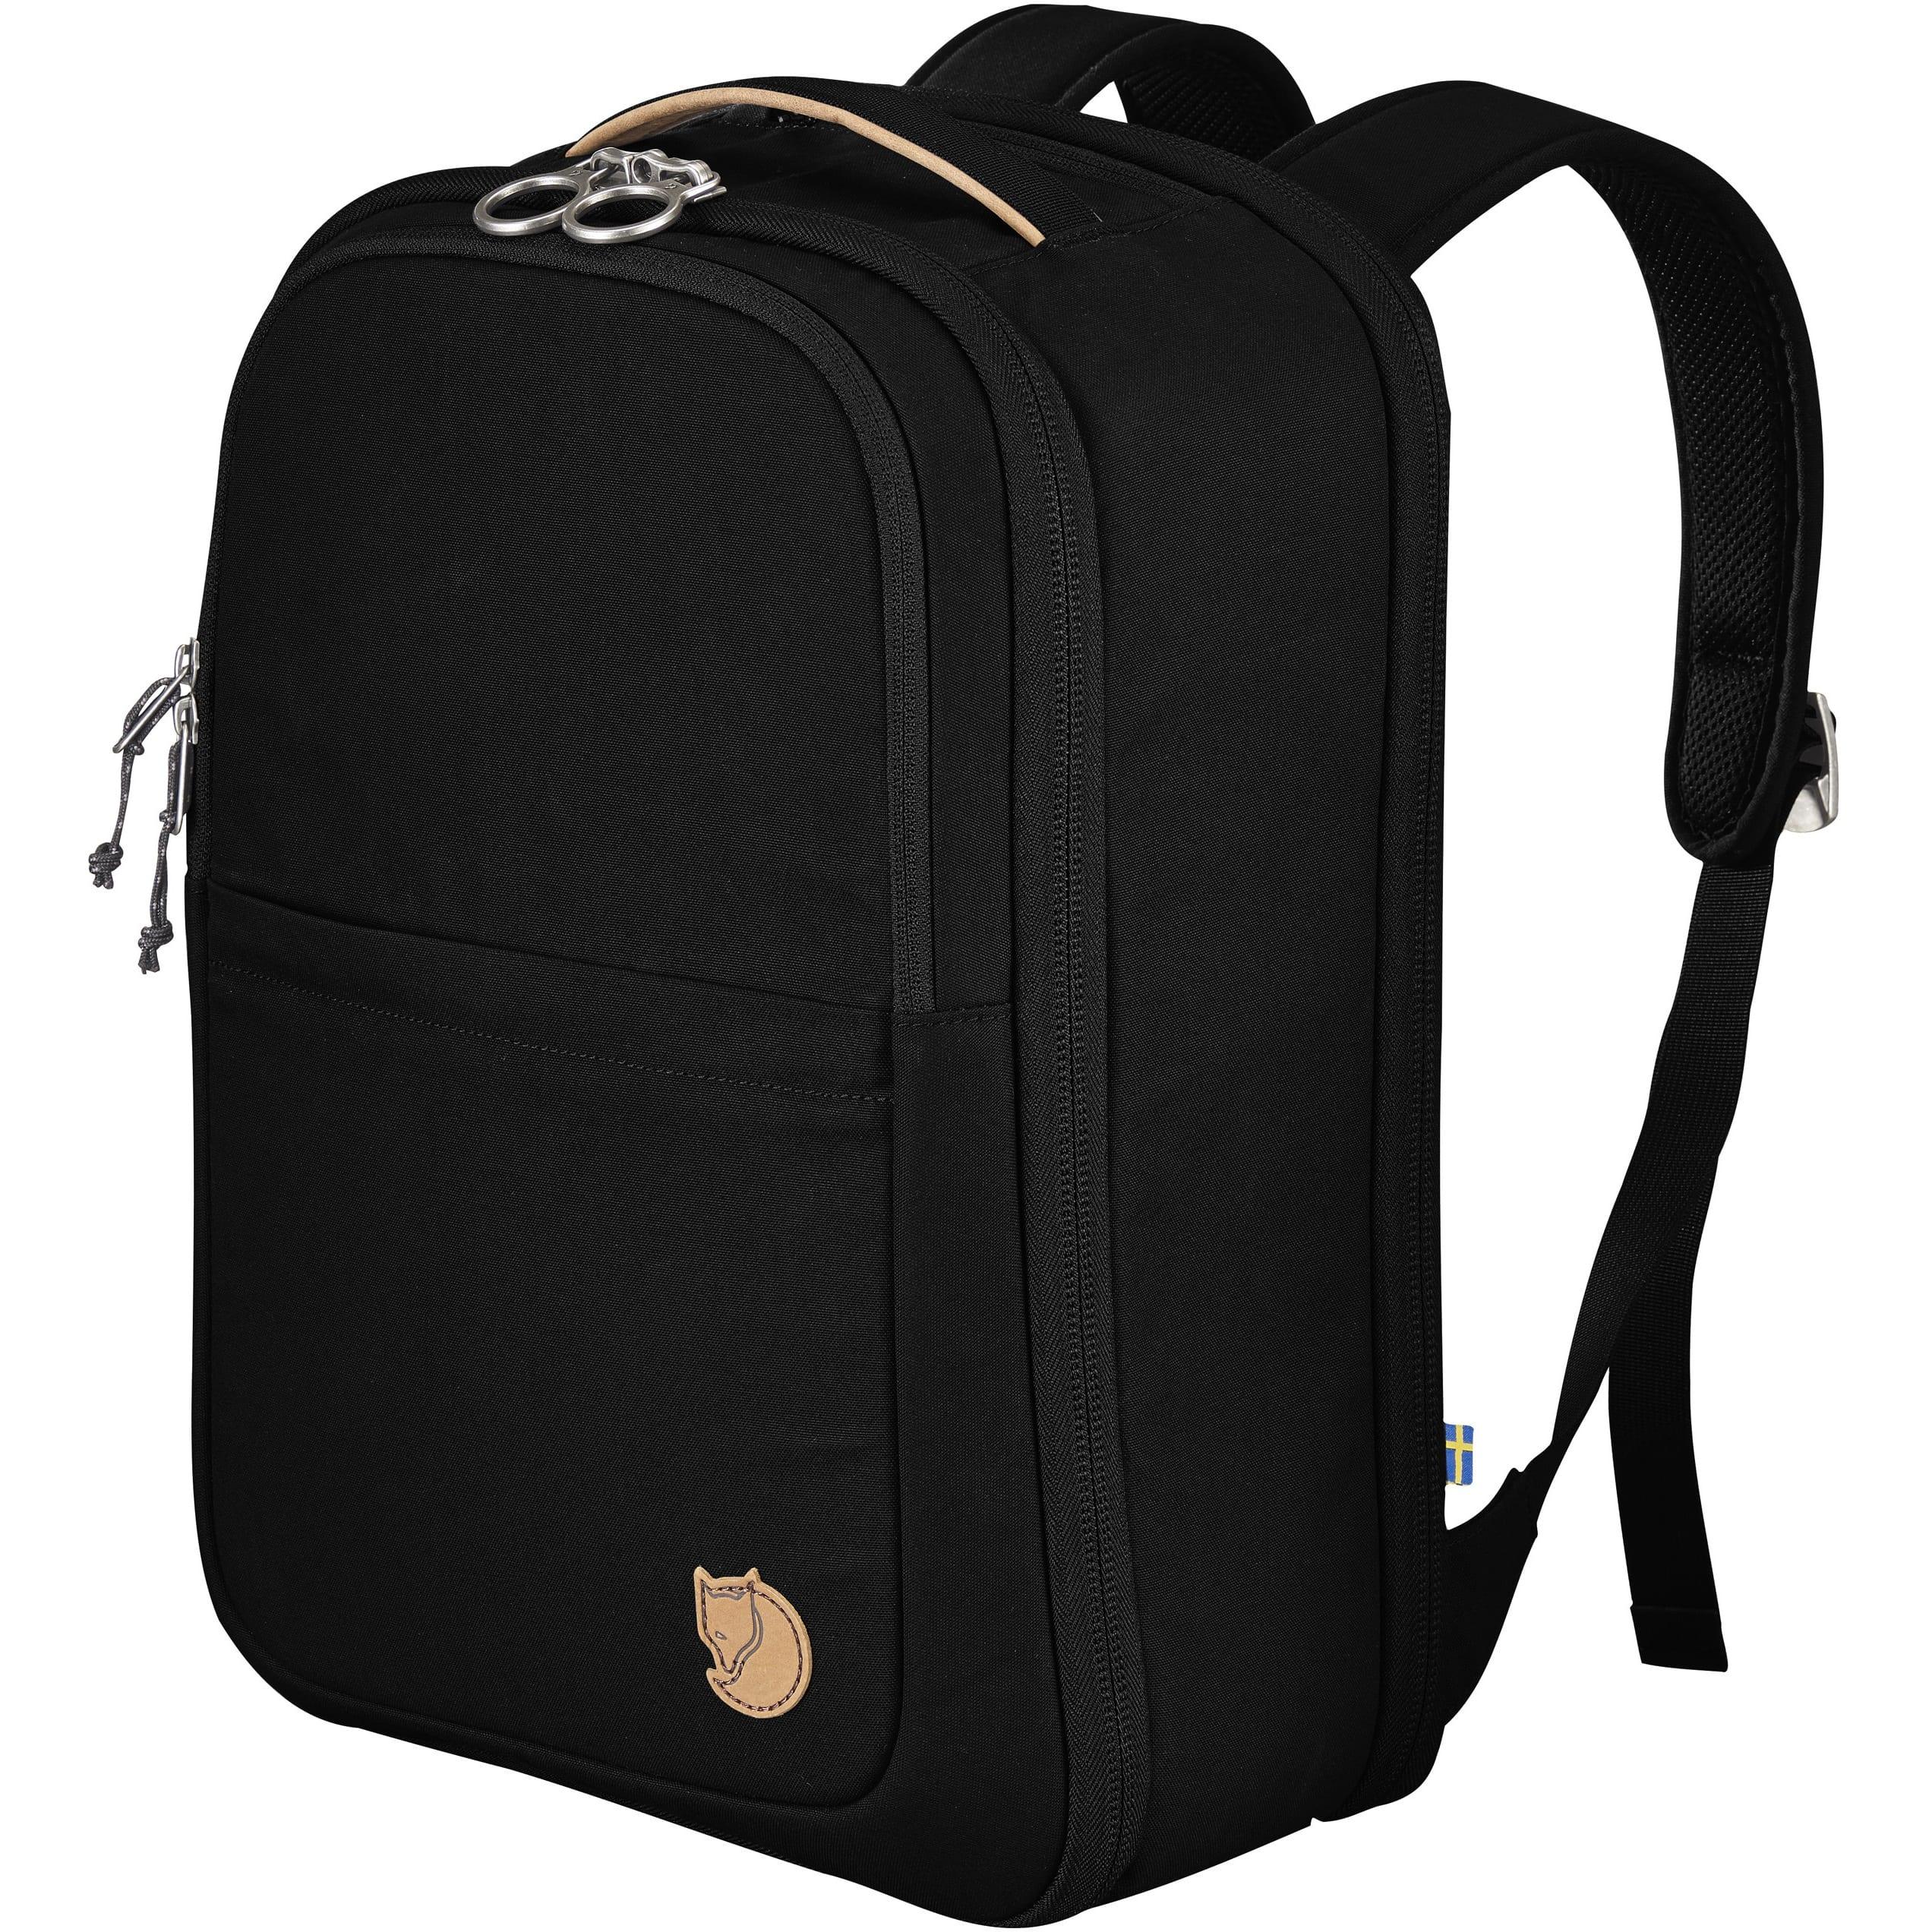 Köp Fjällräven Travel Pack hos Outnorth